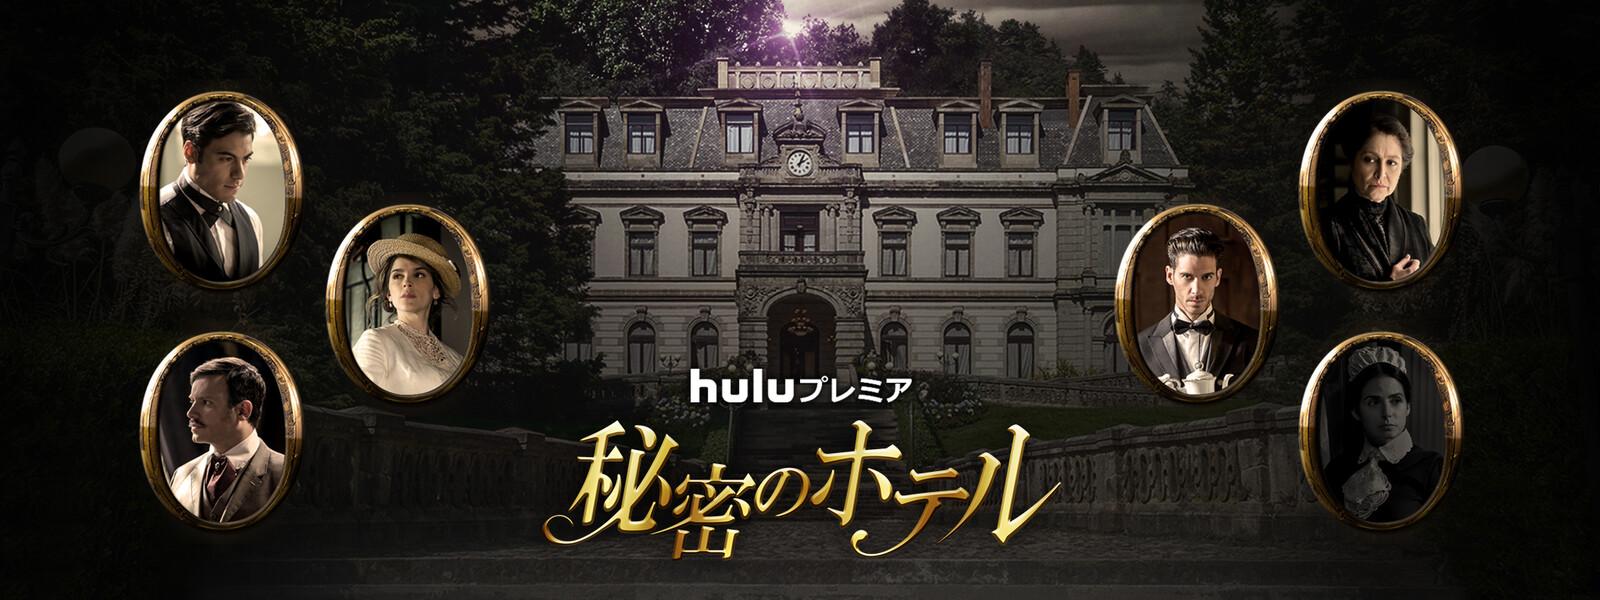 秘密のホテル 動画